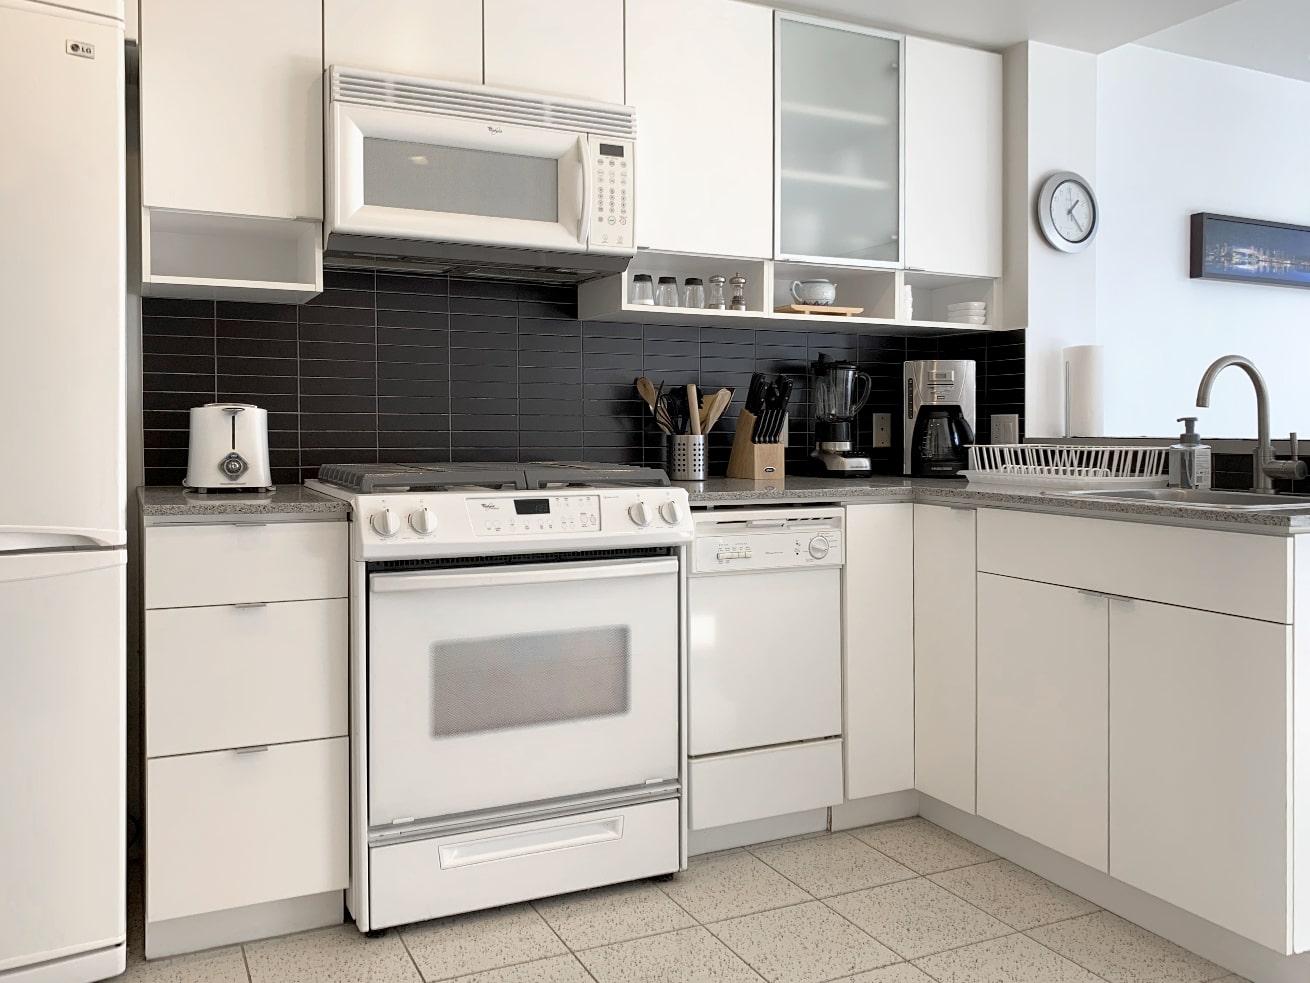 Yaletown apartment rentals max studio den kitchen